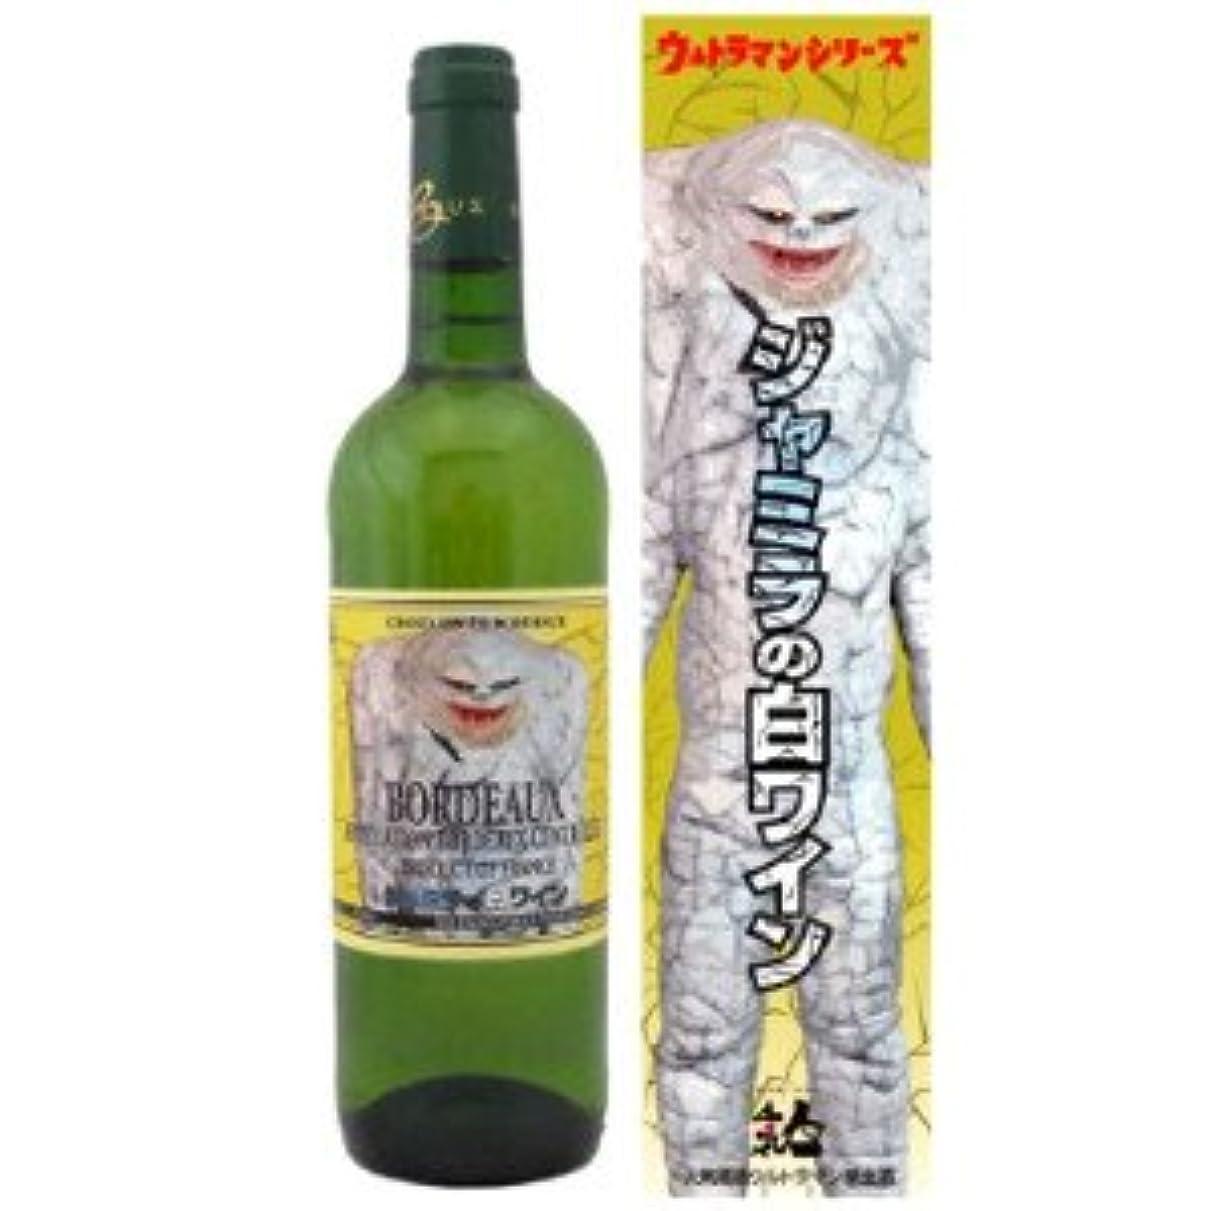 めんどり留め金品種人気一 ジャミラの白ワイン 750ml 化粧箱入り